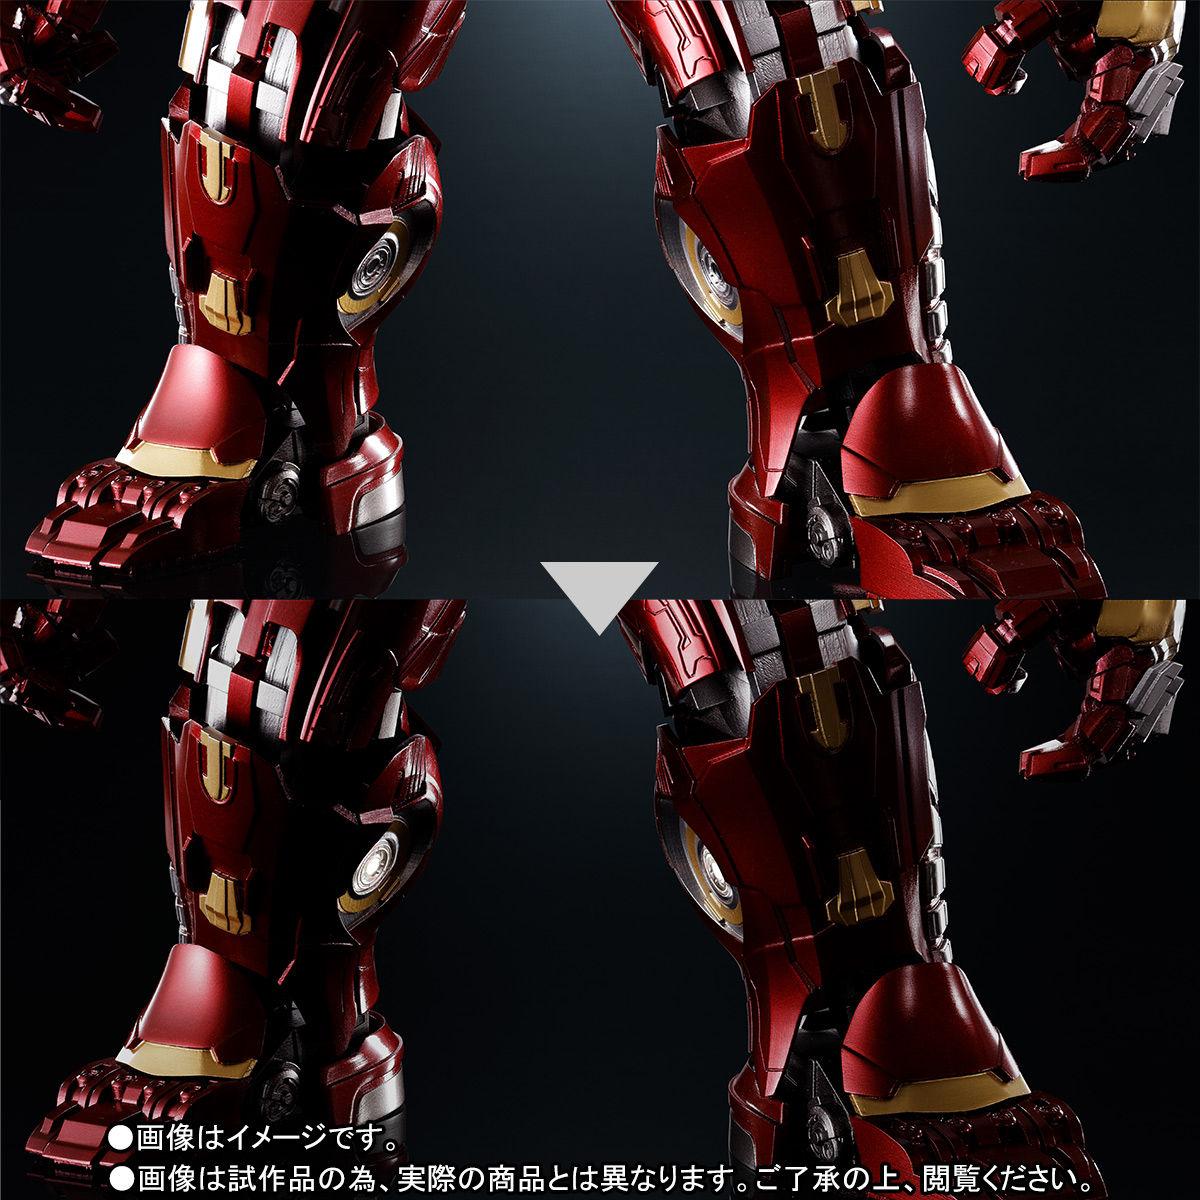 超合金×S.H.Figuarts『ハルクバスター マーク2 アベンジャーズ/インフィニティ・ウォー』可動フィギュア-009